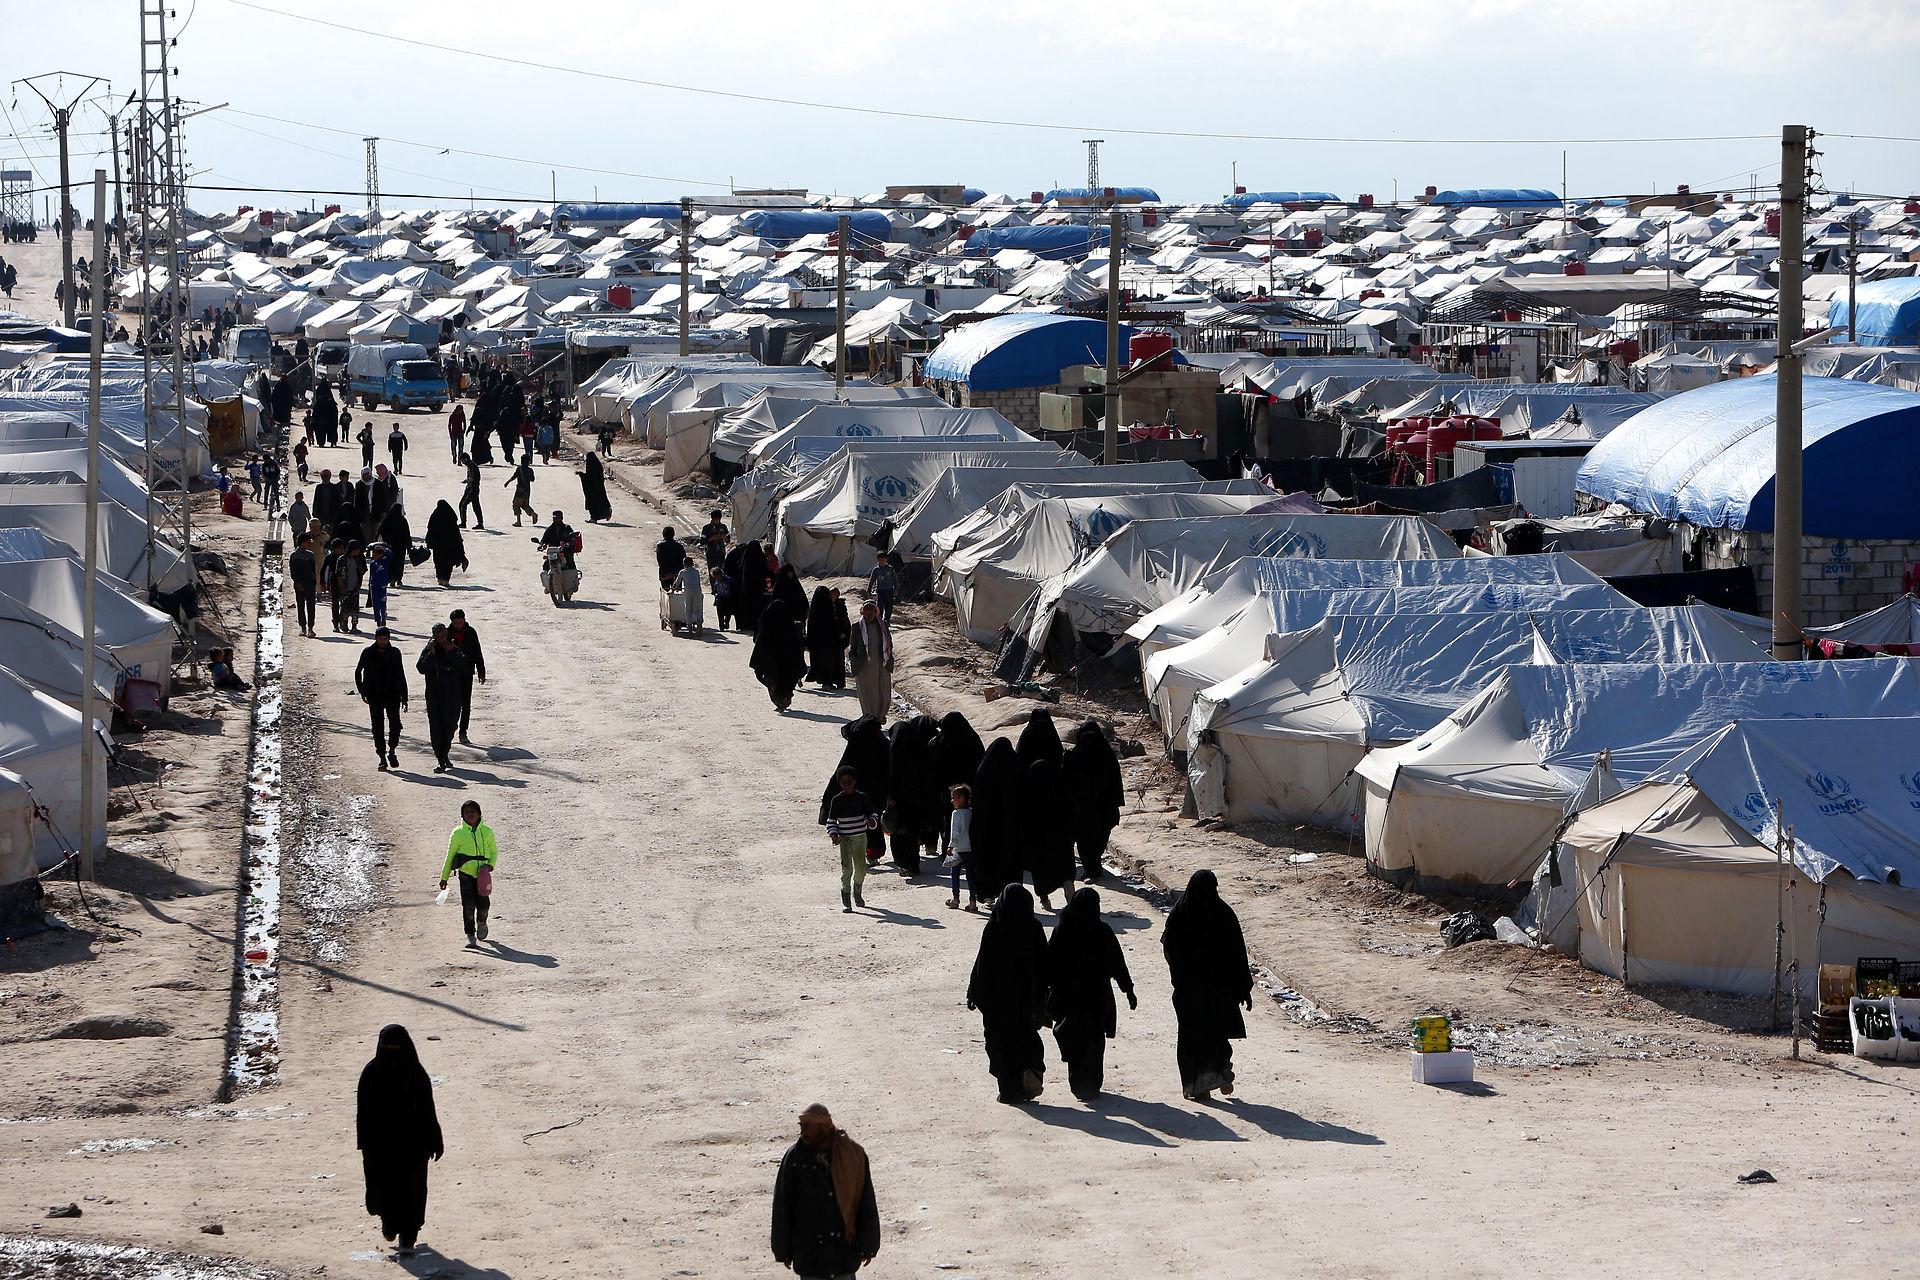 Anders' billeder blev slettet i Syrien: Fredag vandt han en pris for dem